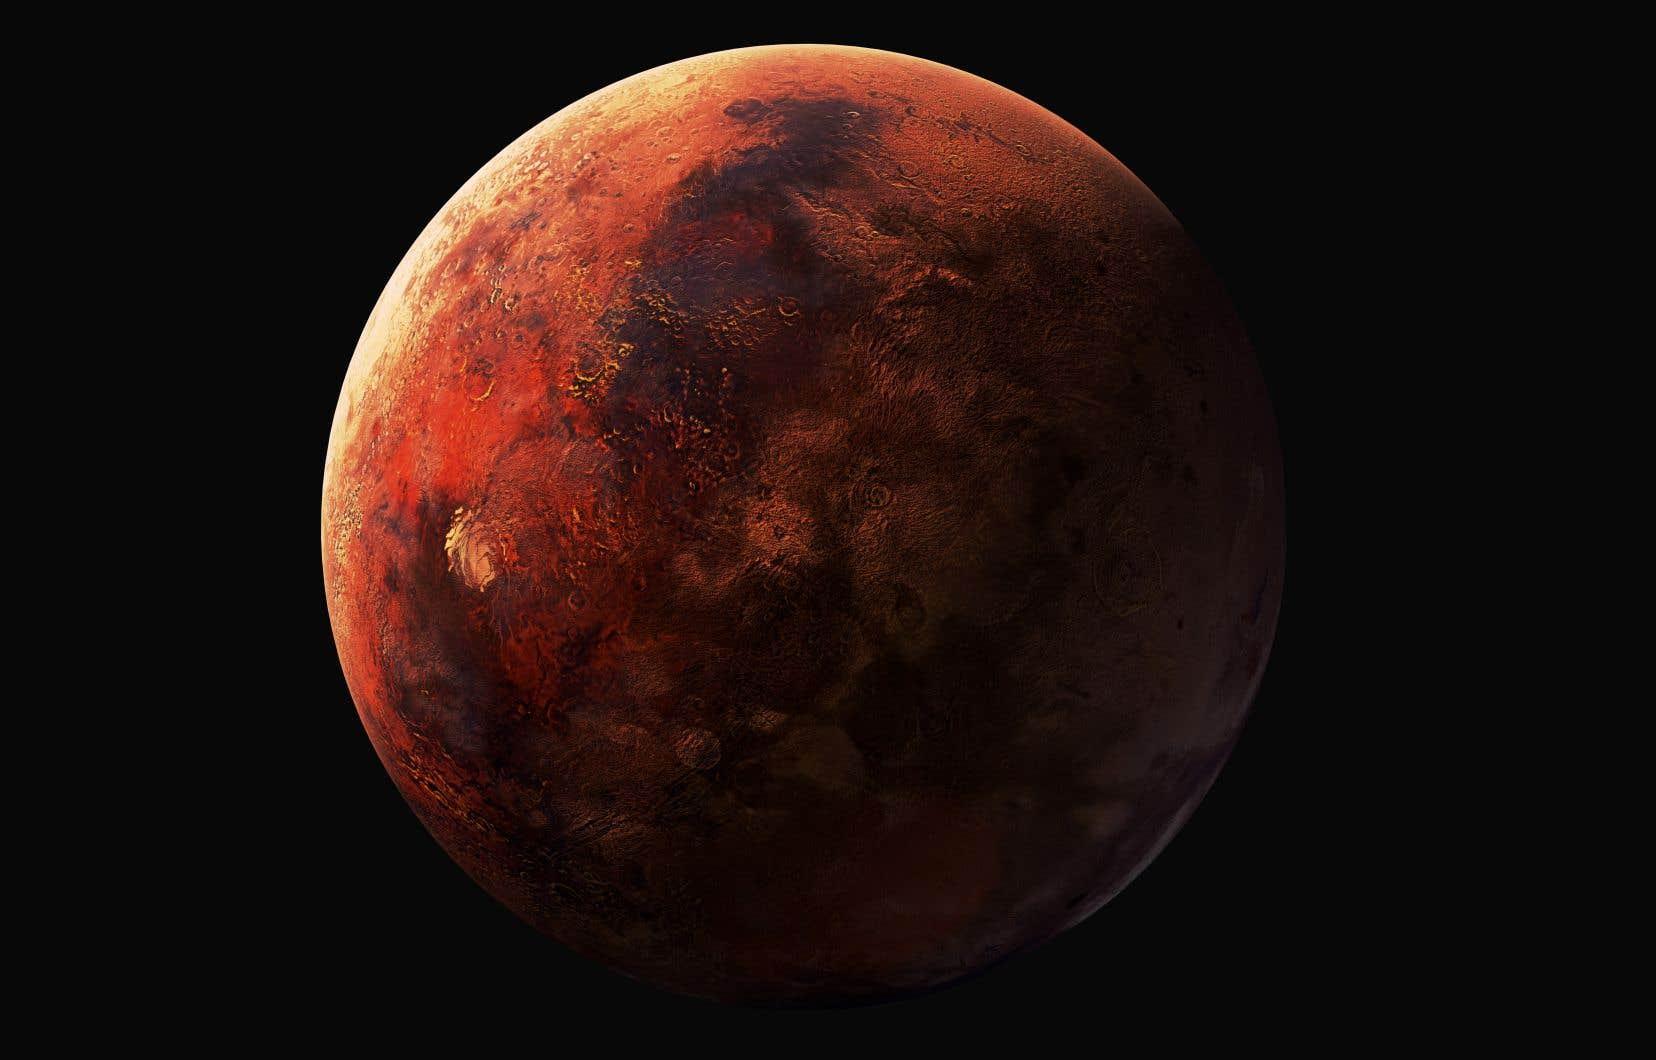 L'atterrissage de « Tianwen-1 » a eu lieu à 7 h 18 heure de Pékin (23 h 18 GMT vendredi) dans une zone de la planète rouge nommée « Utopia Planitia », une vaste plaine située dans l'hémisphère nord de Mars, a précisé l'agence spatiale chinoise (CNSA).